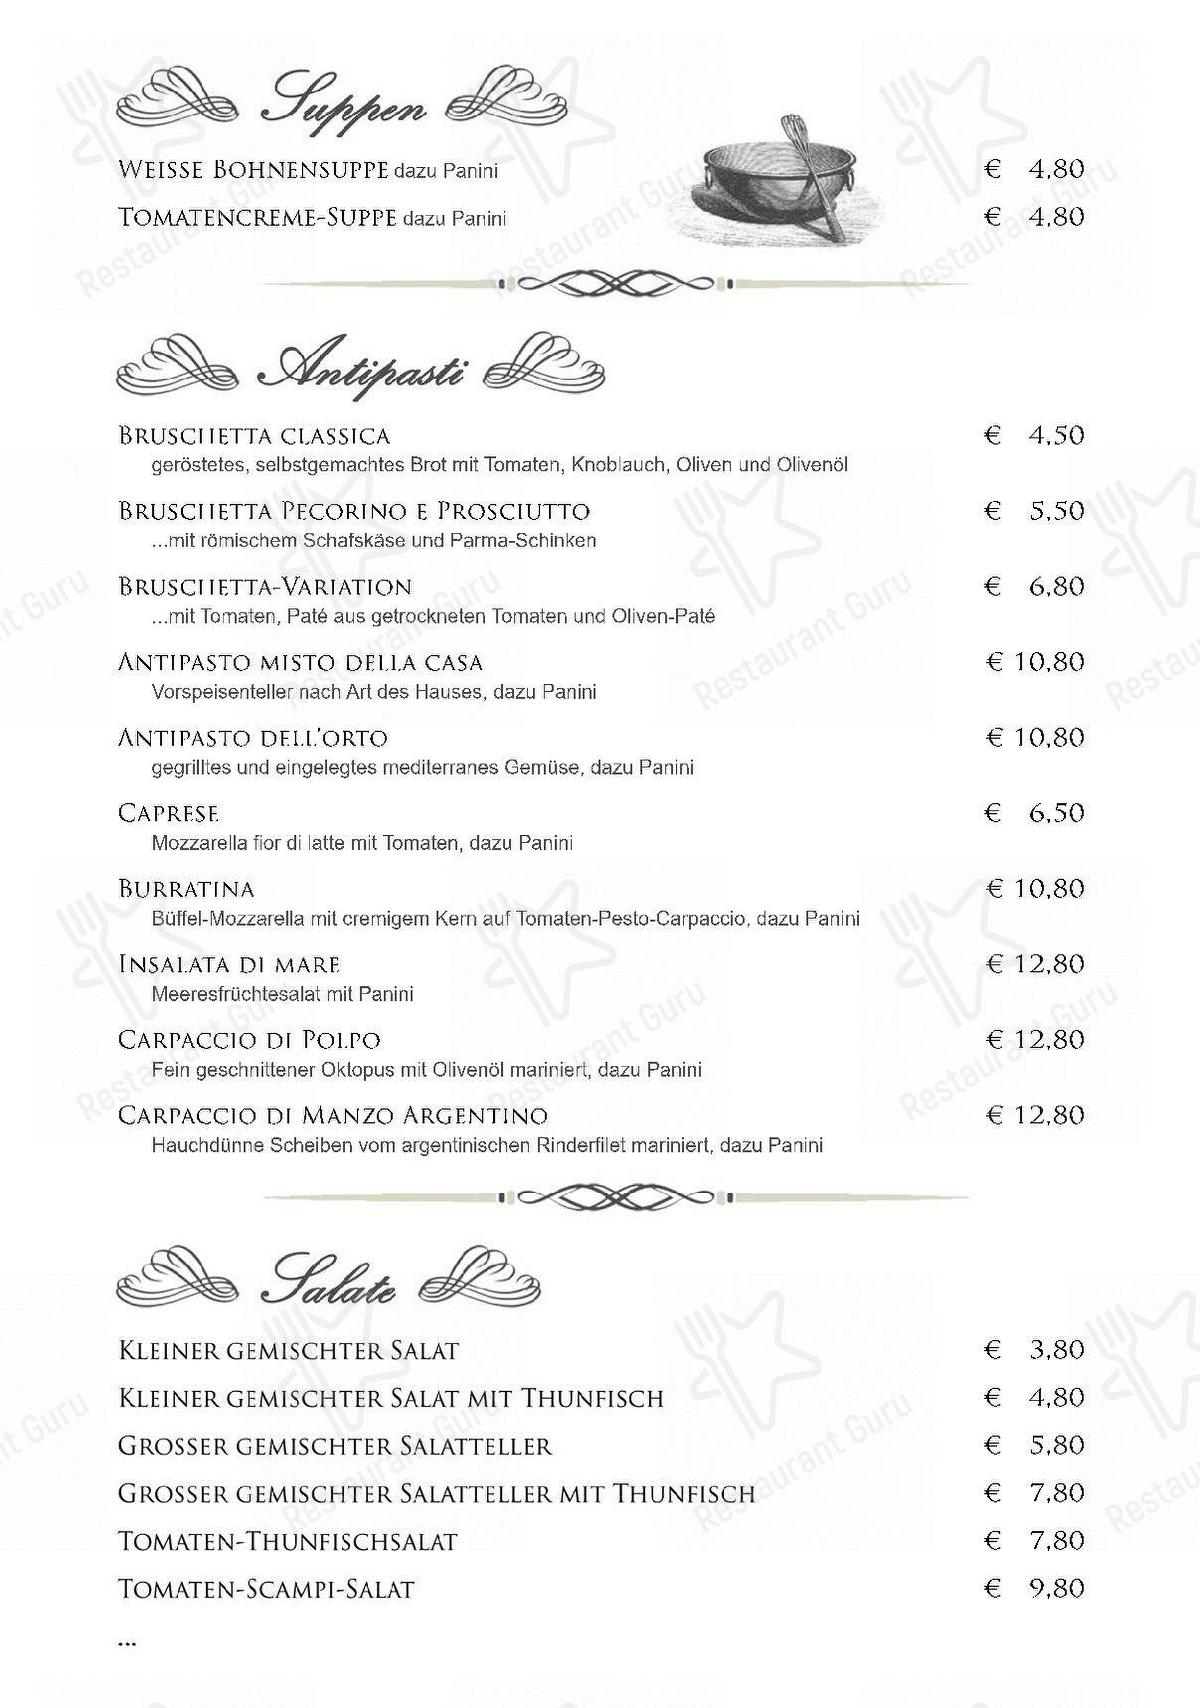 Ristorante da Fata menu - dishes and beverages